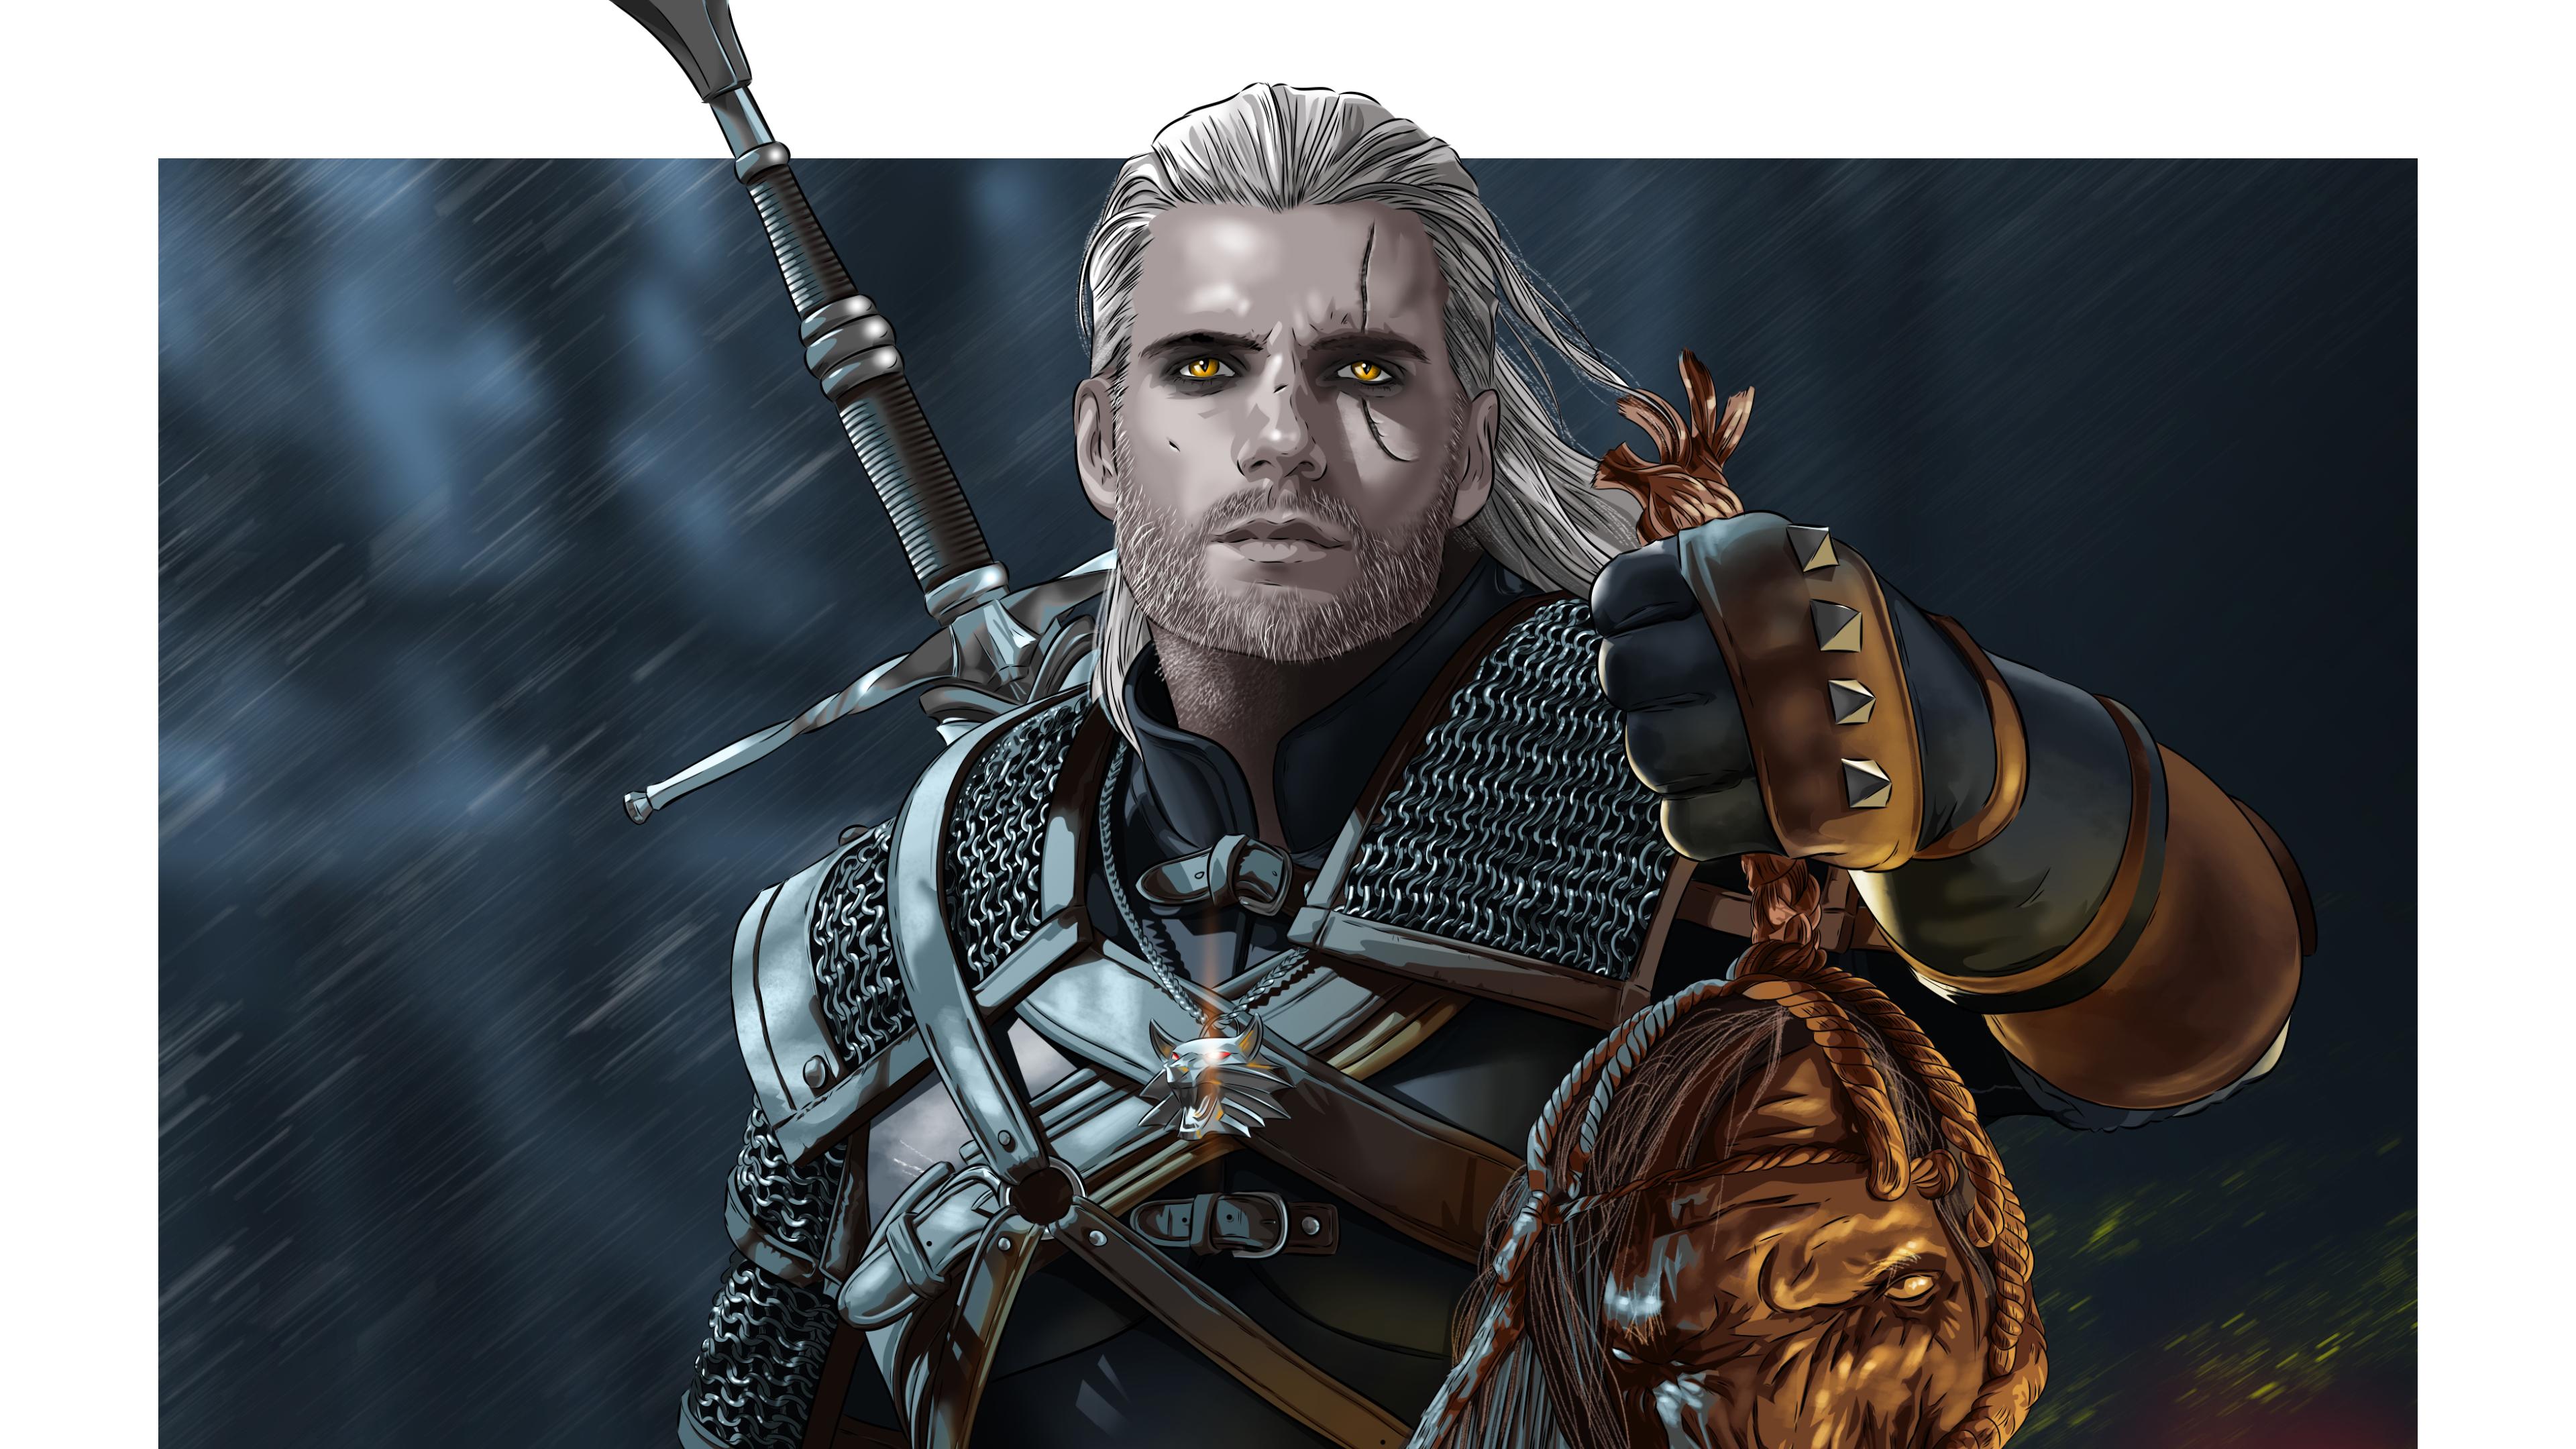 3840x2160 Geralt Of Rivia Netflix 4k Wallpaper Hd Tv Series